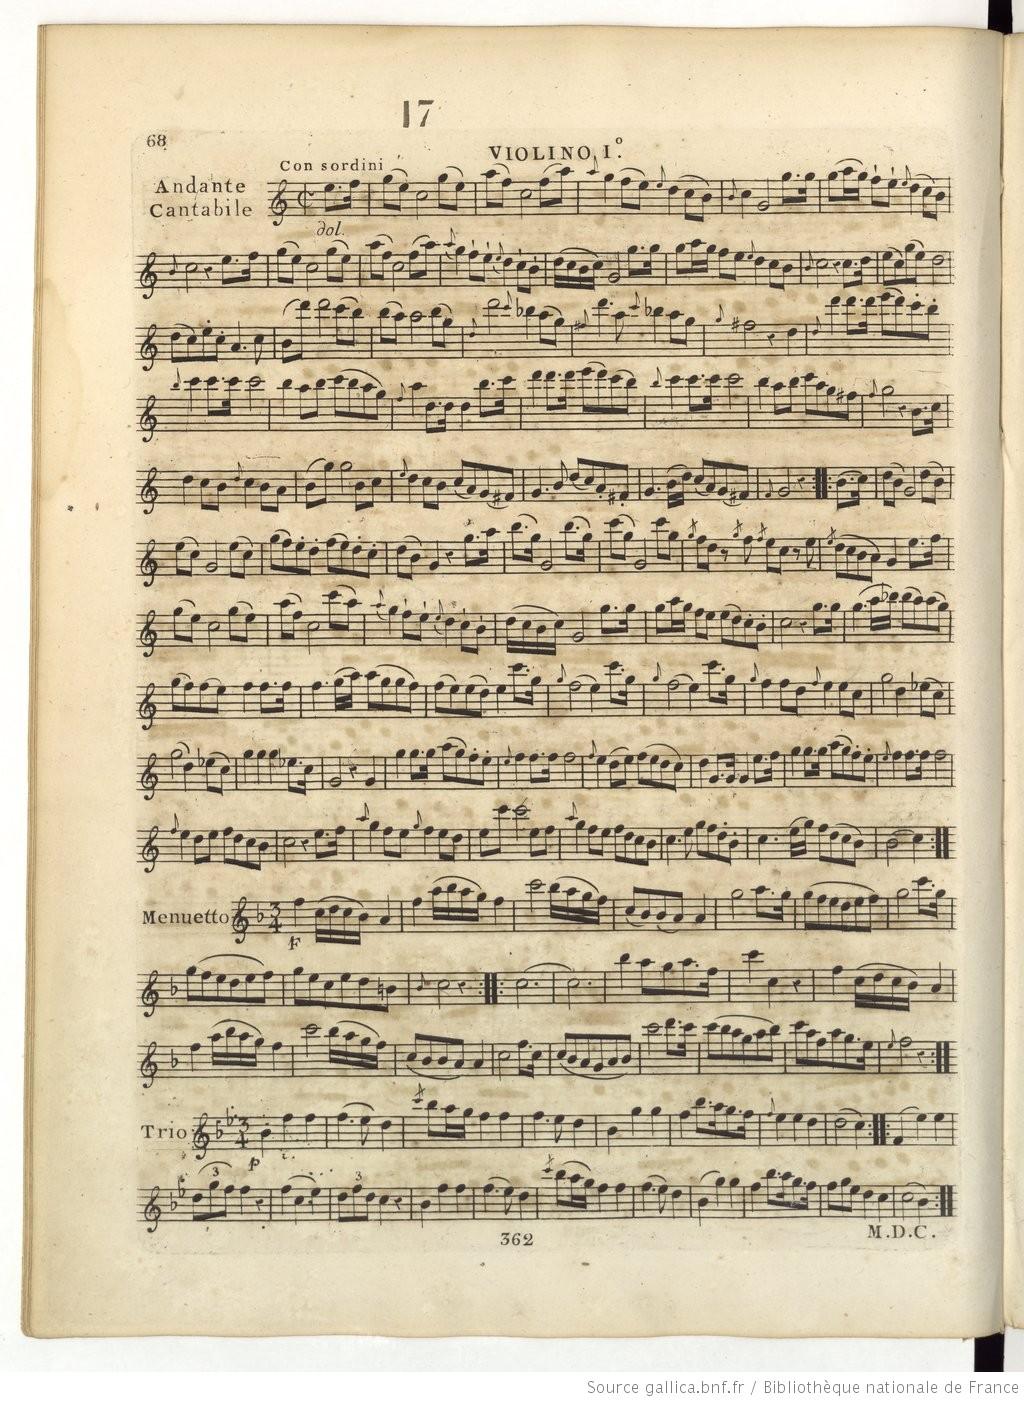 Les six quatuors Op. 3 de Hoffstetter, attribués d'abord à Haydn, cliquer pour voir l'original et ses références